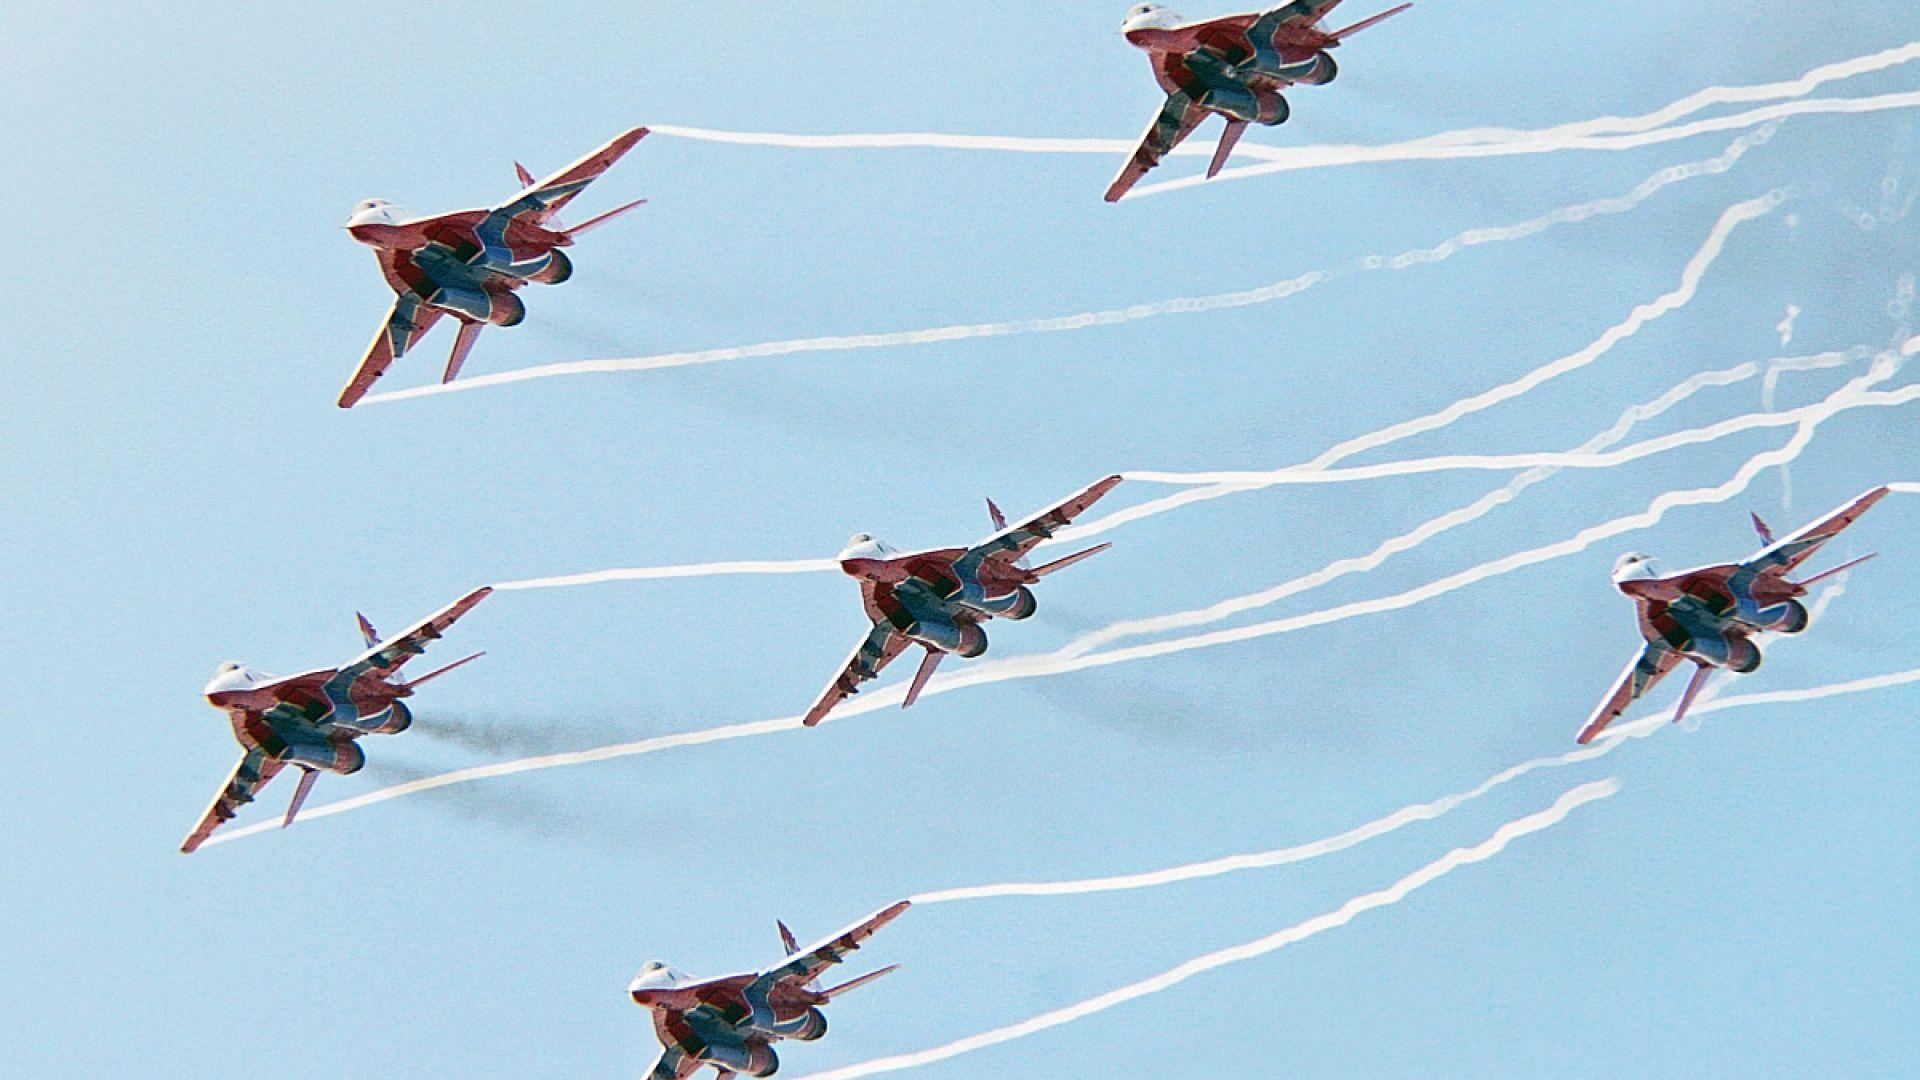 Въздушната гордост на Путин: Авиацията, която не излетя (снимки)